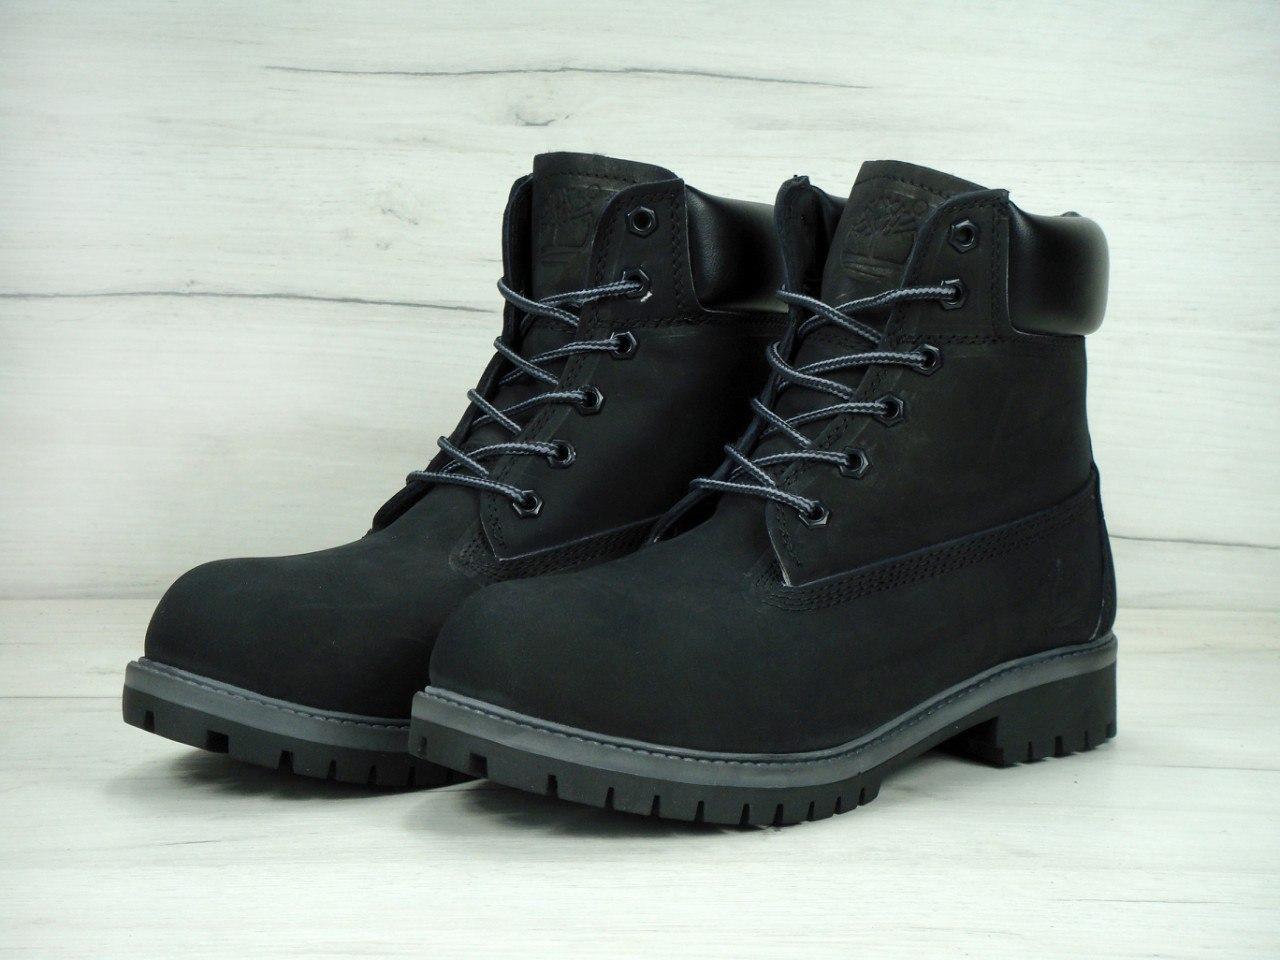 Зимние ботинки Timberland, зимние ботинки тимберленд, зимові черевики Timberland (36,37,41,44 размеры в наличи